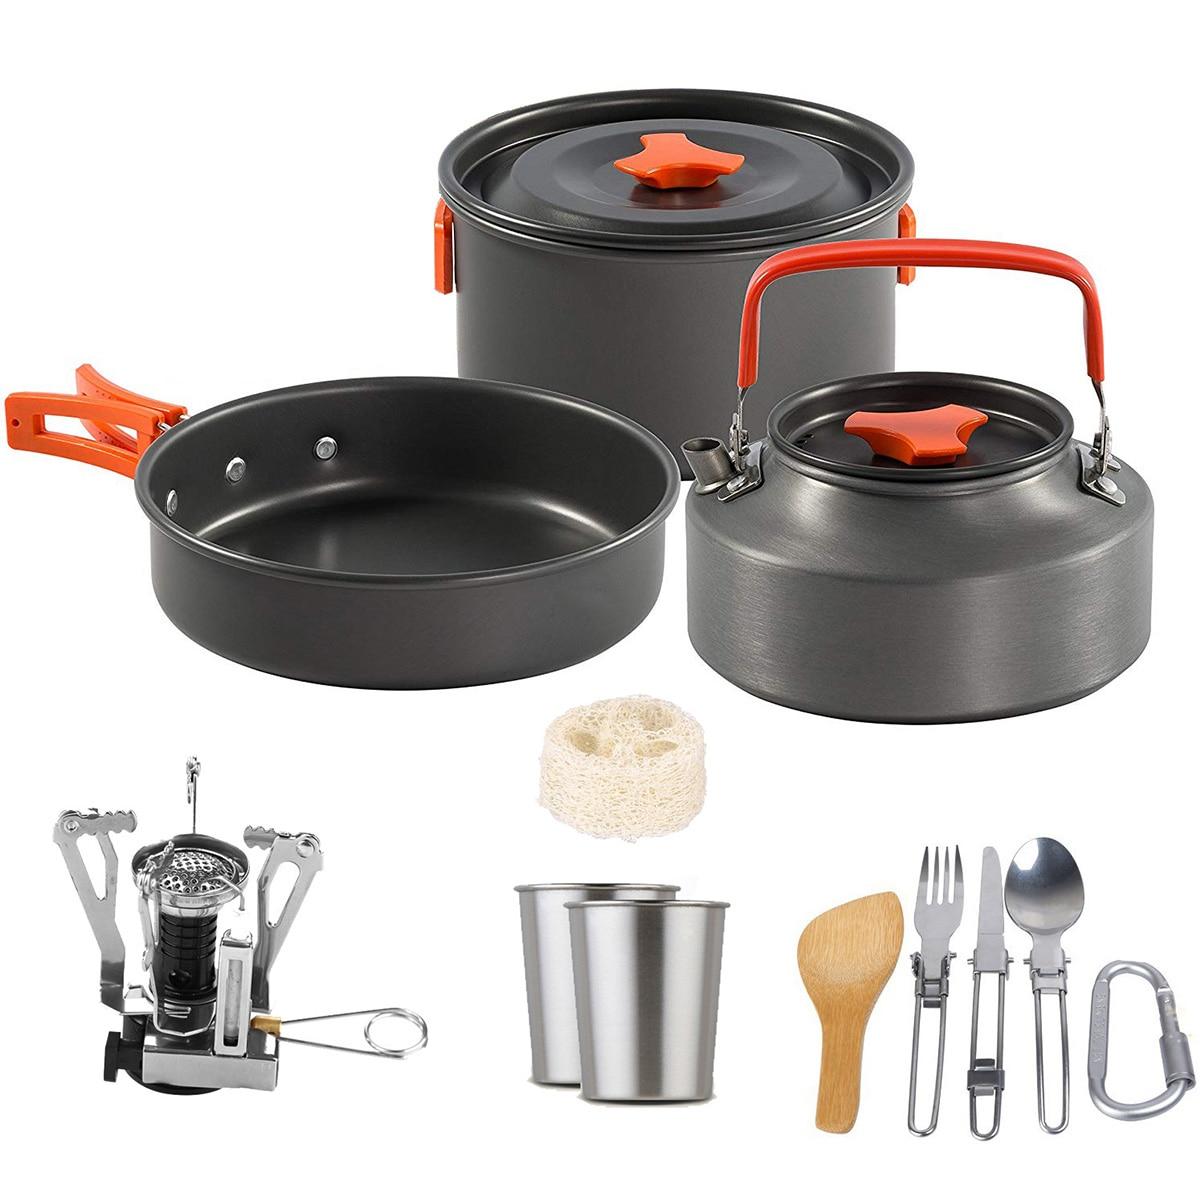 15 pièces/ensemble en plein air Camping batterie de cuisine ensemble ustensiles portables 2-3 personnes bol Pot cuillère vaisselle cuisine voyage pique-nique ensemble